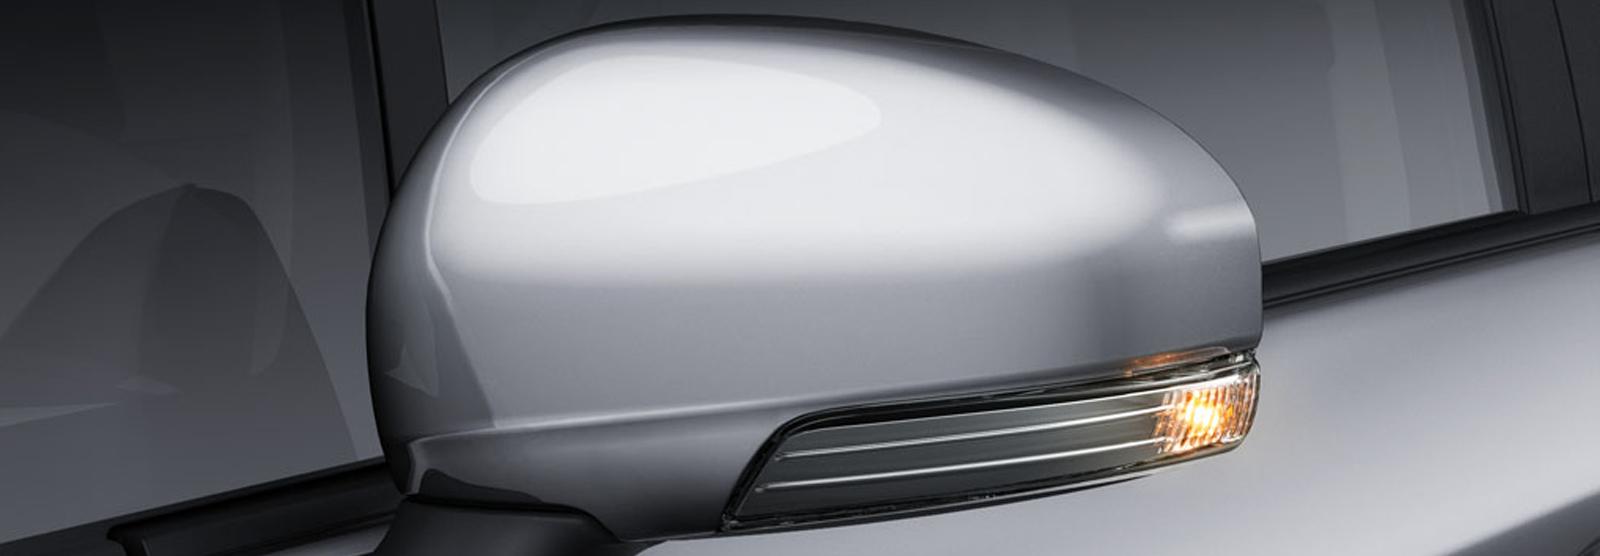 prius-exterior10